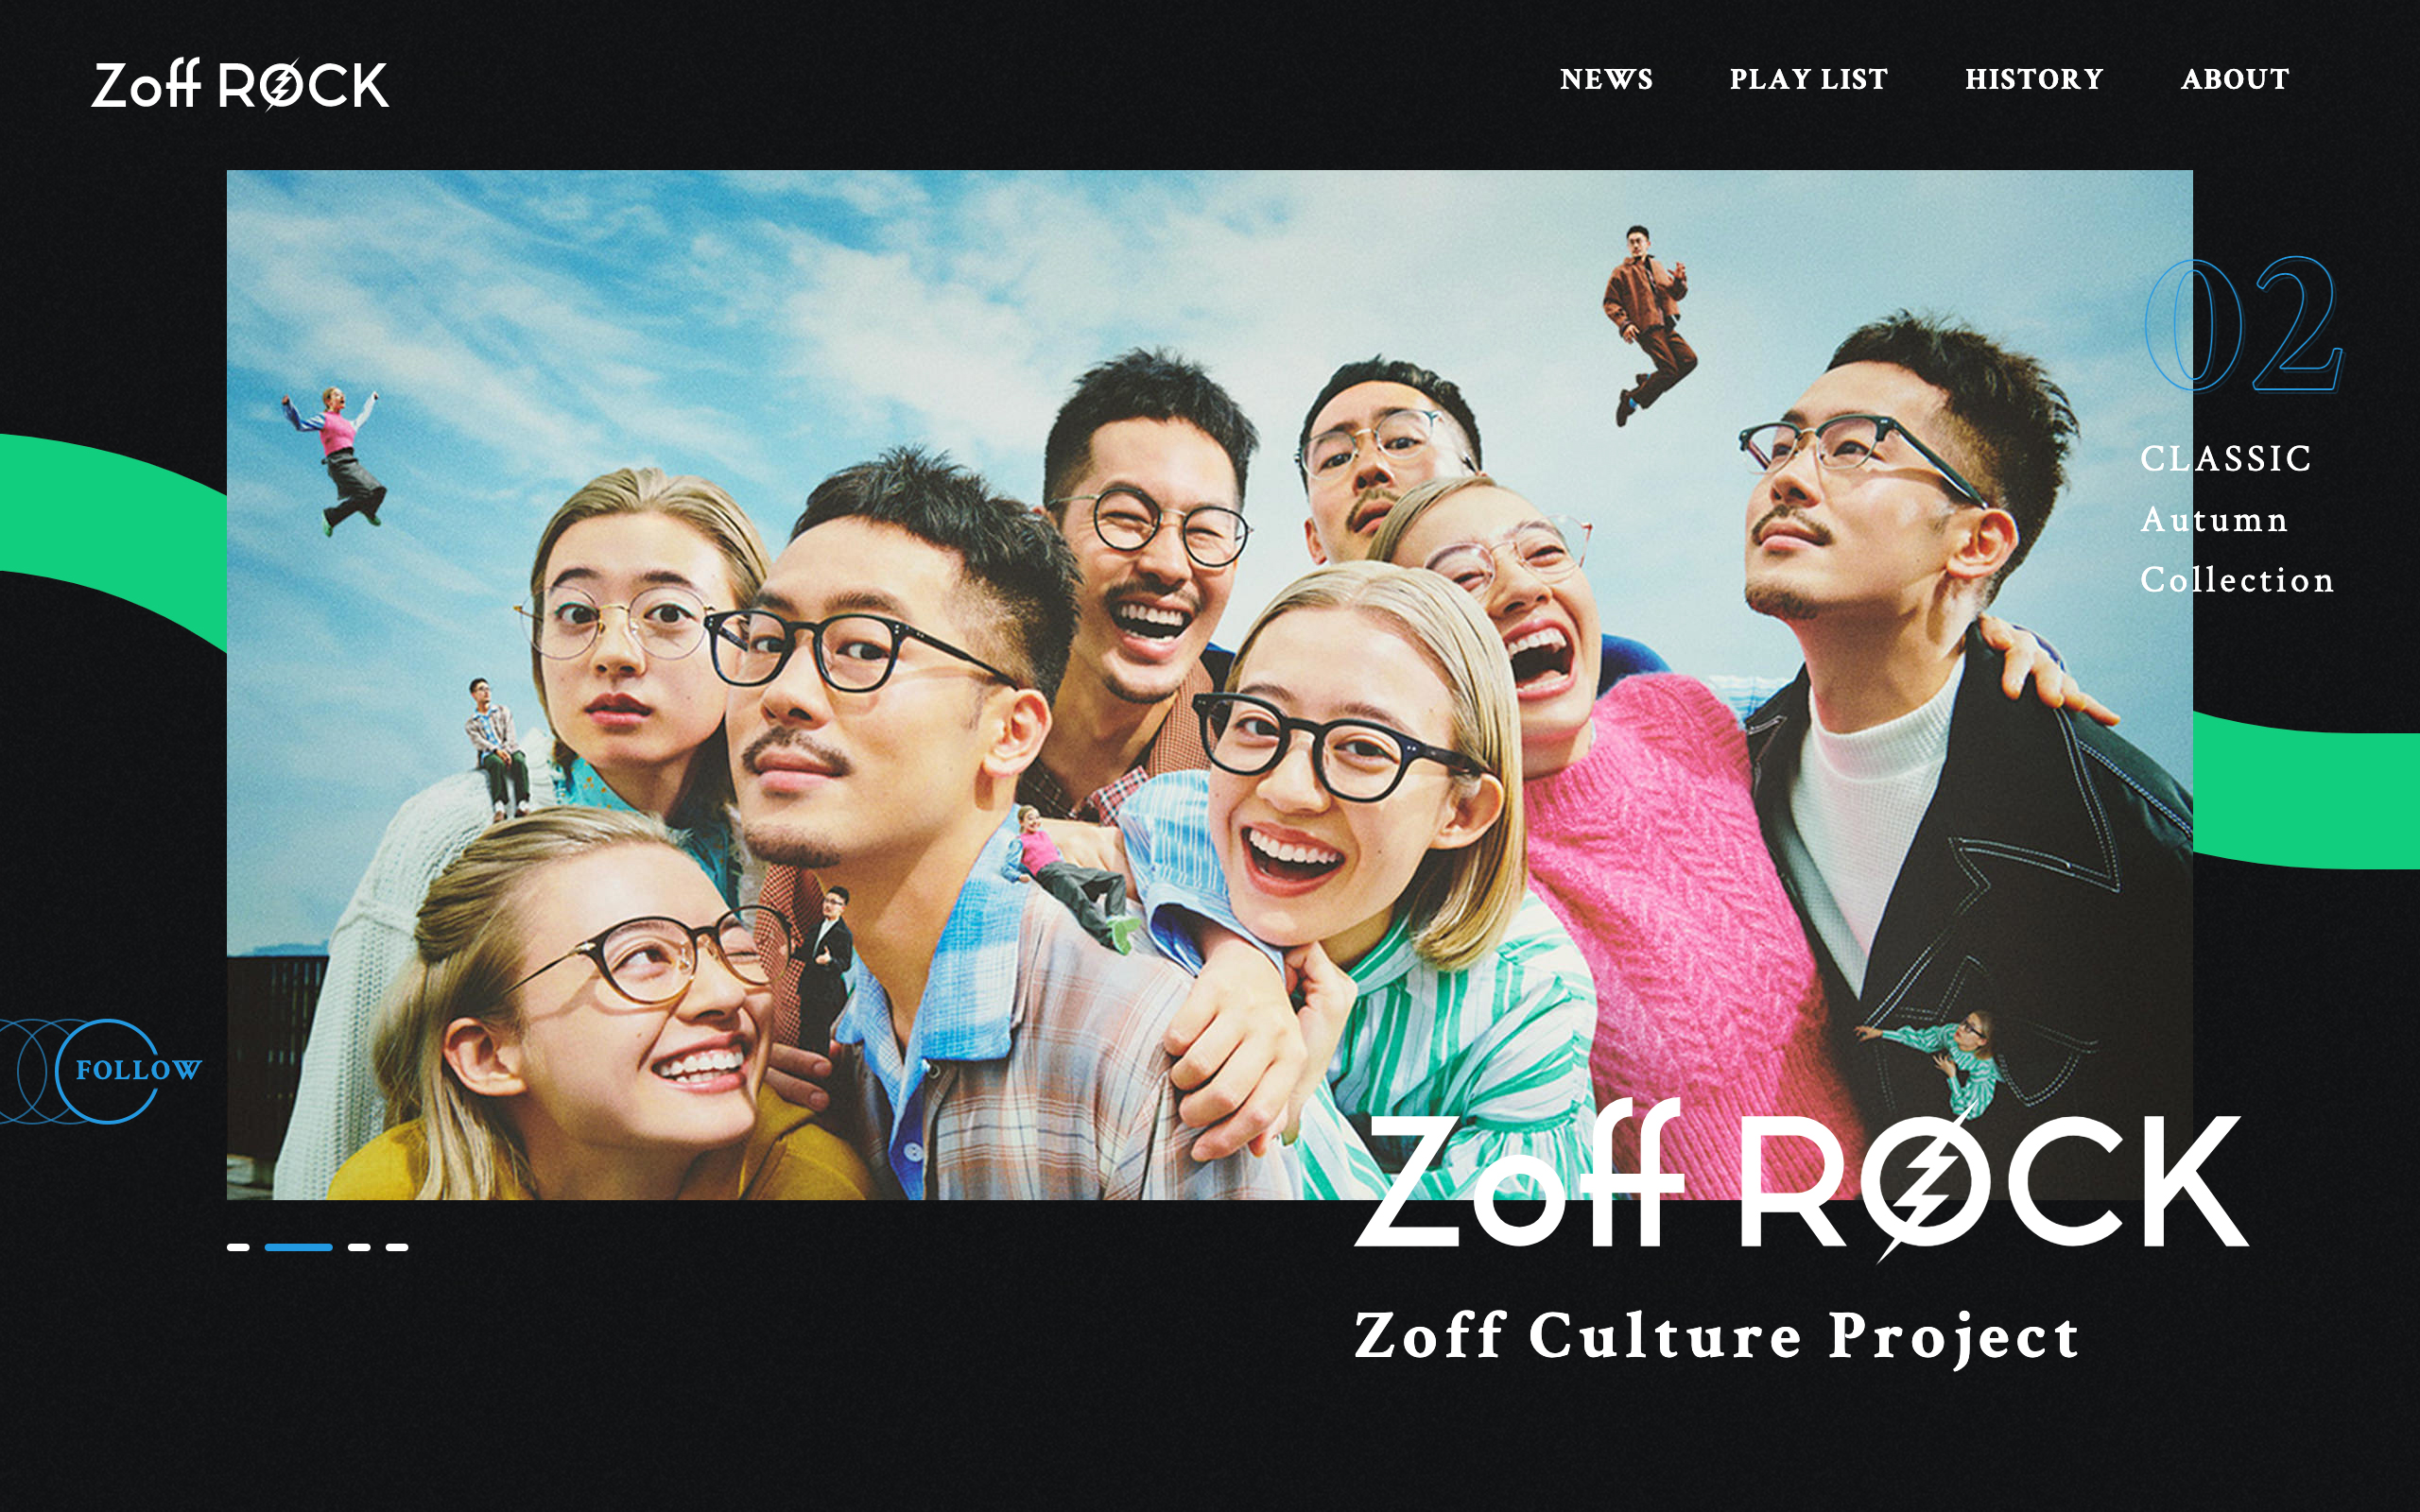 Zoff Rock